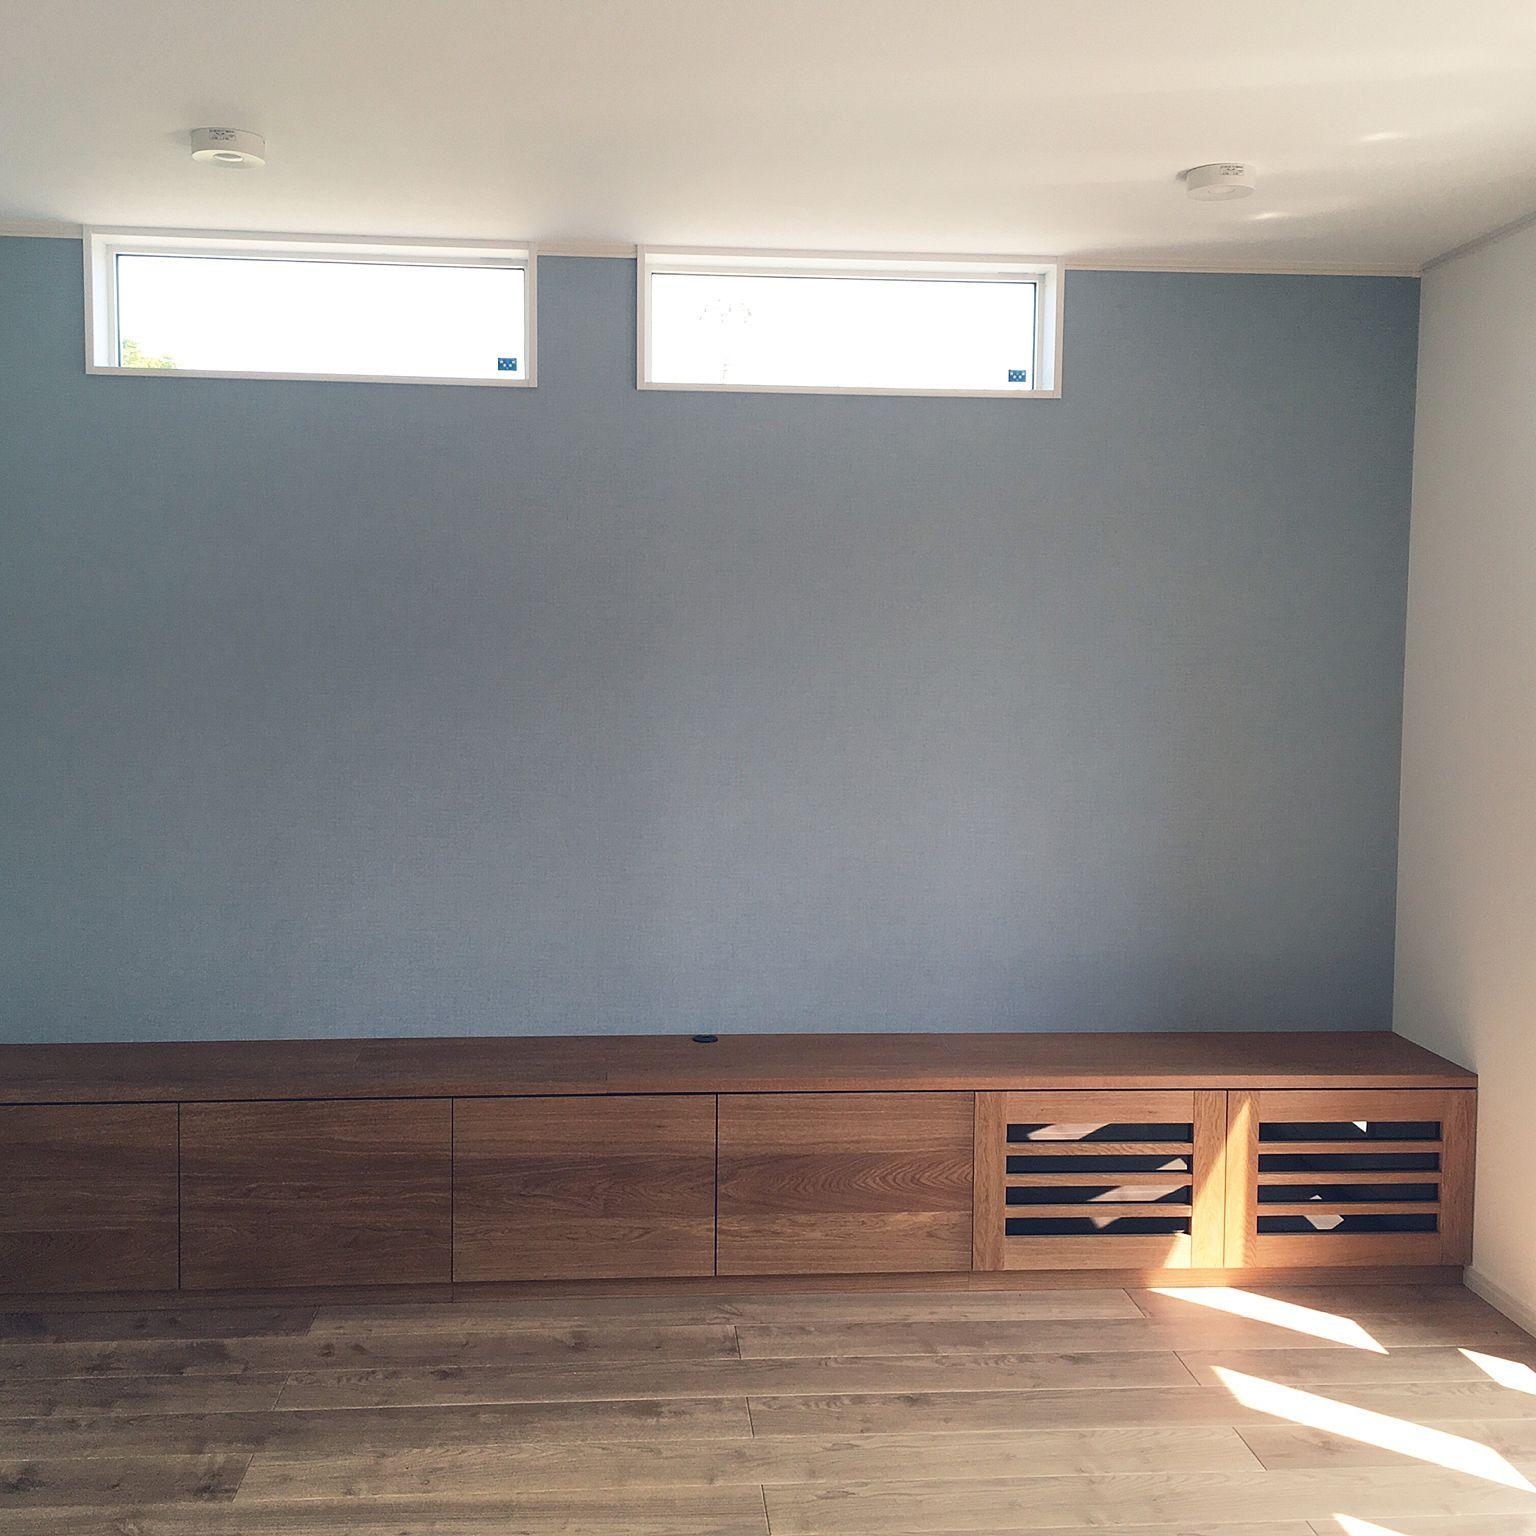 リビング Daikenの床 アクセントクロス サンゲツの壁紙 グレーの壁の